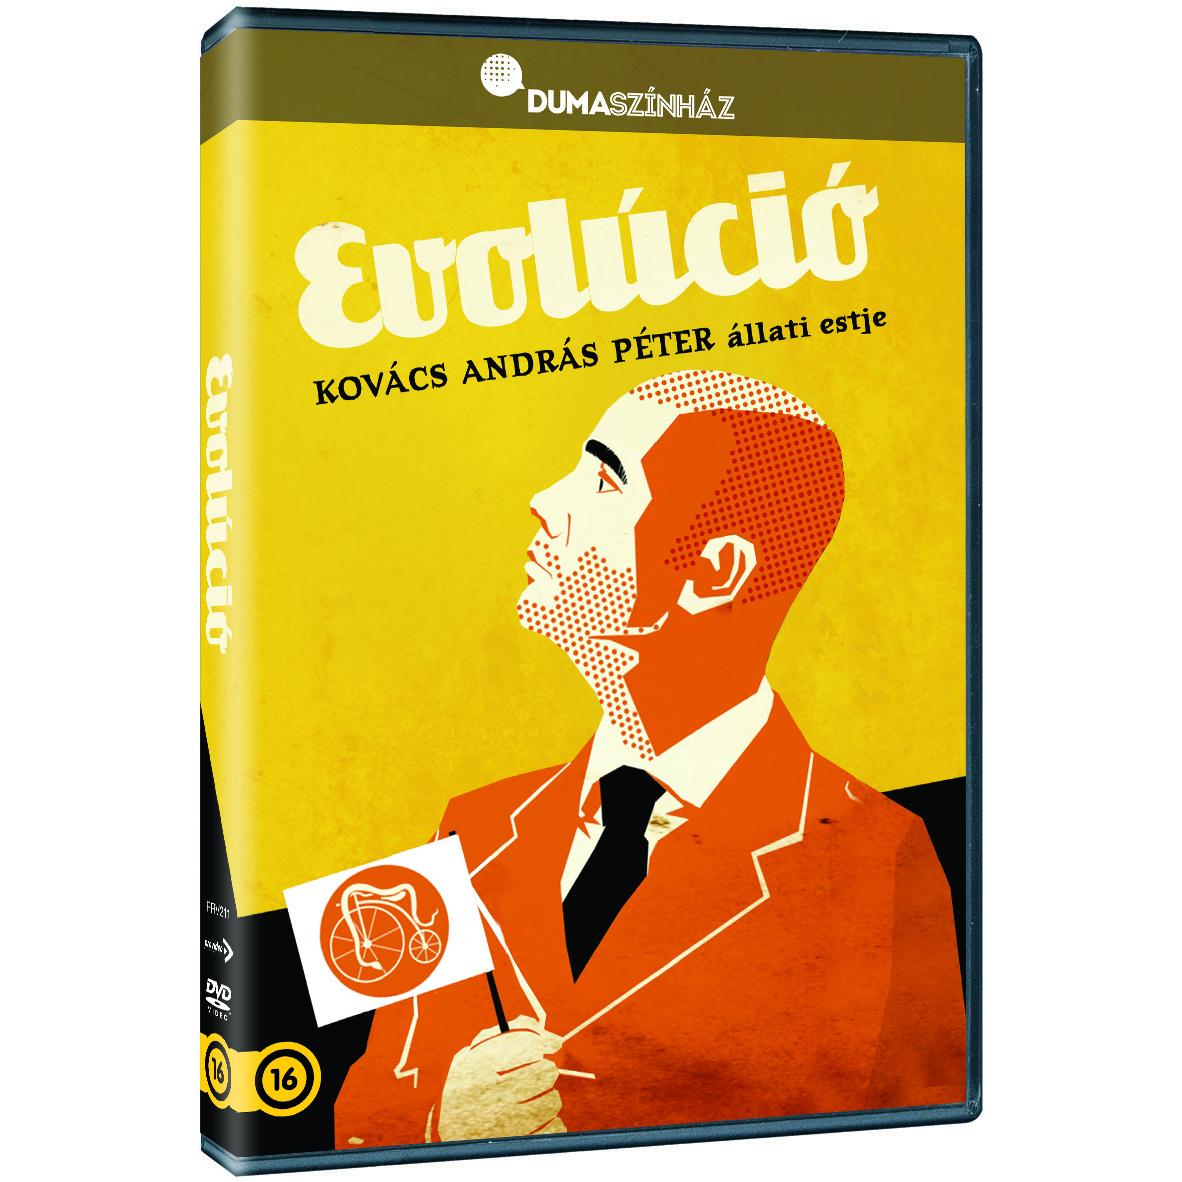 Kovács András Péter: Evolúció